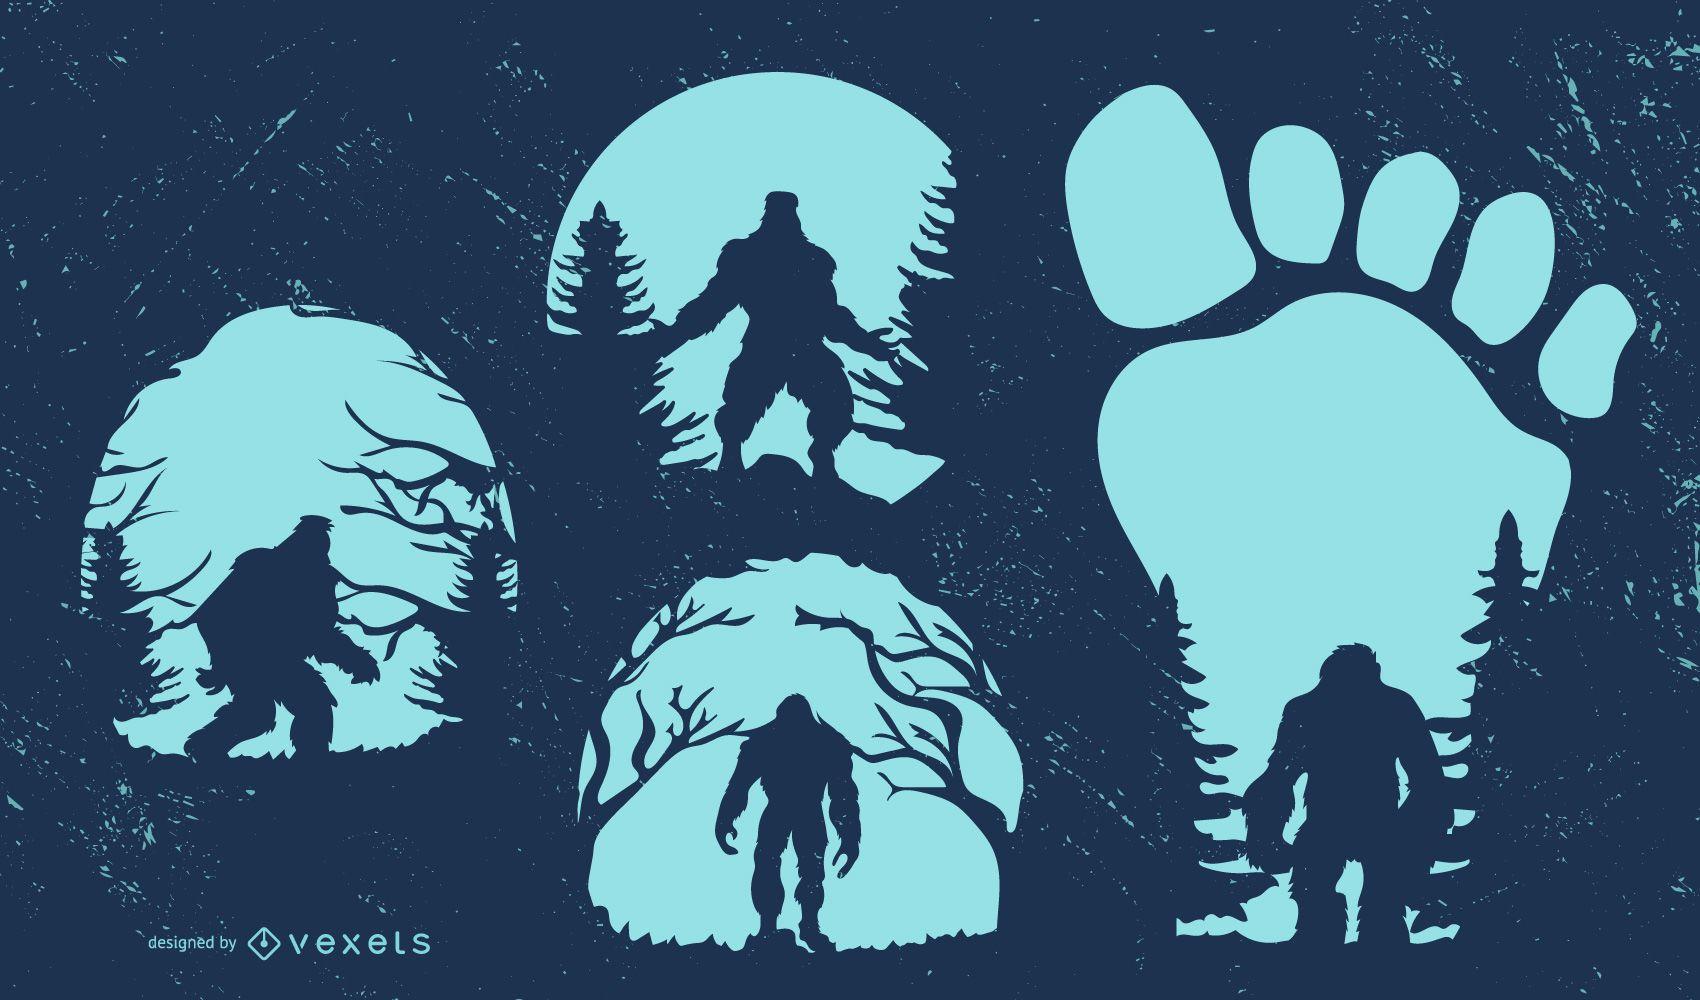 Coleção Bigfoot Silhouette Design